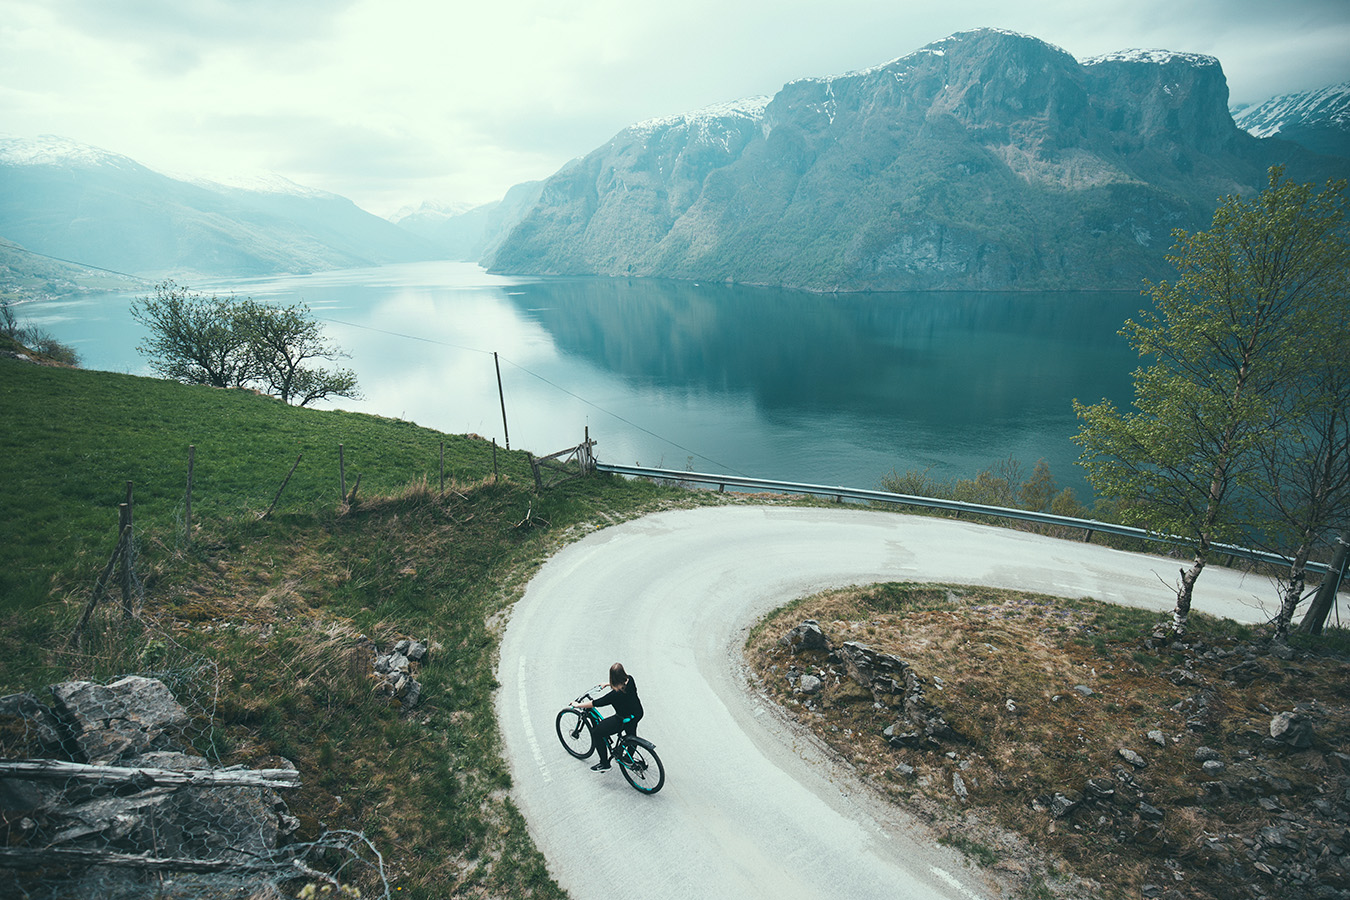 rower Kross, Skjerdal